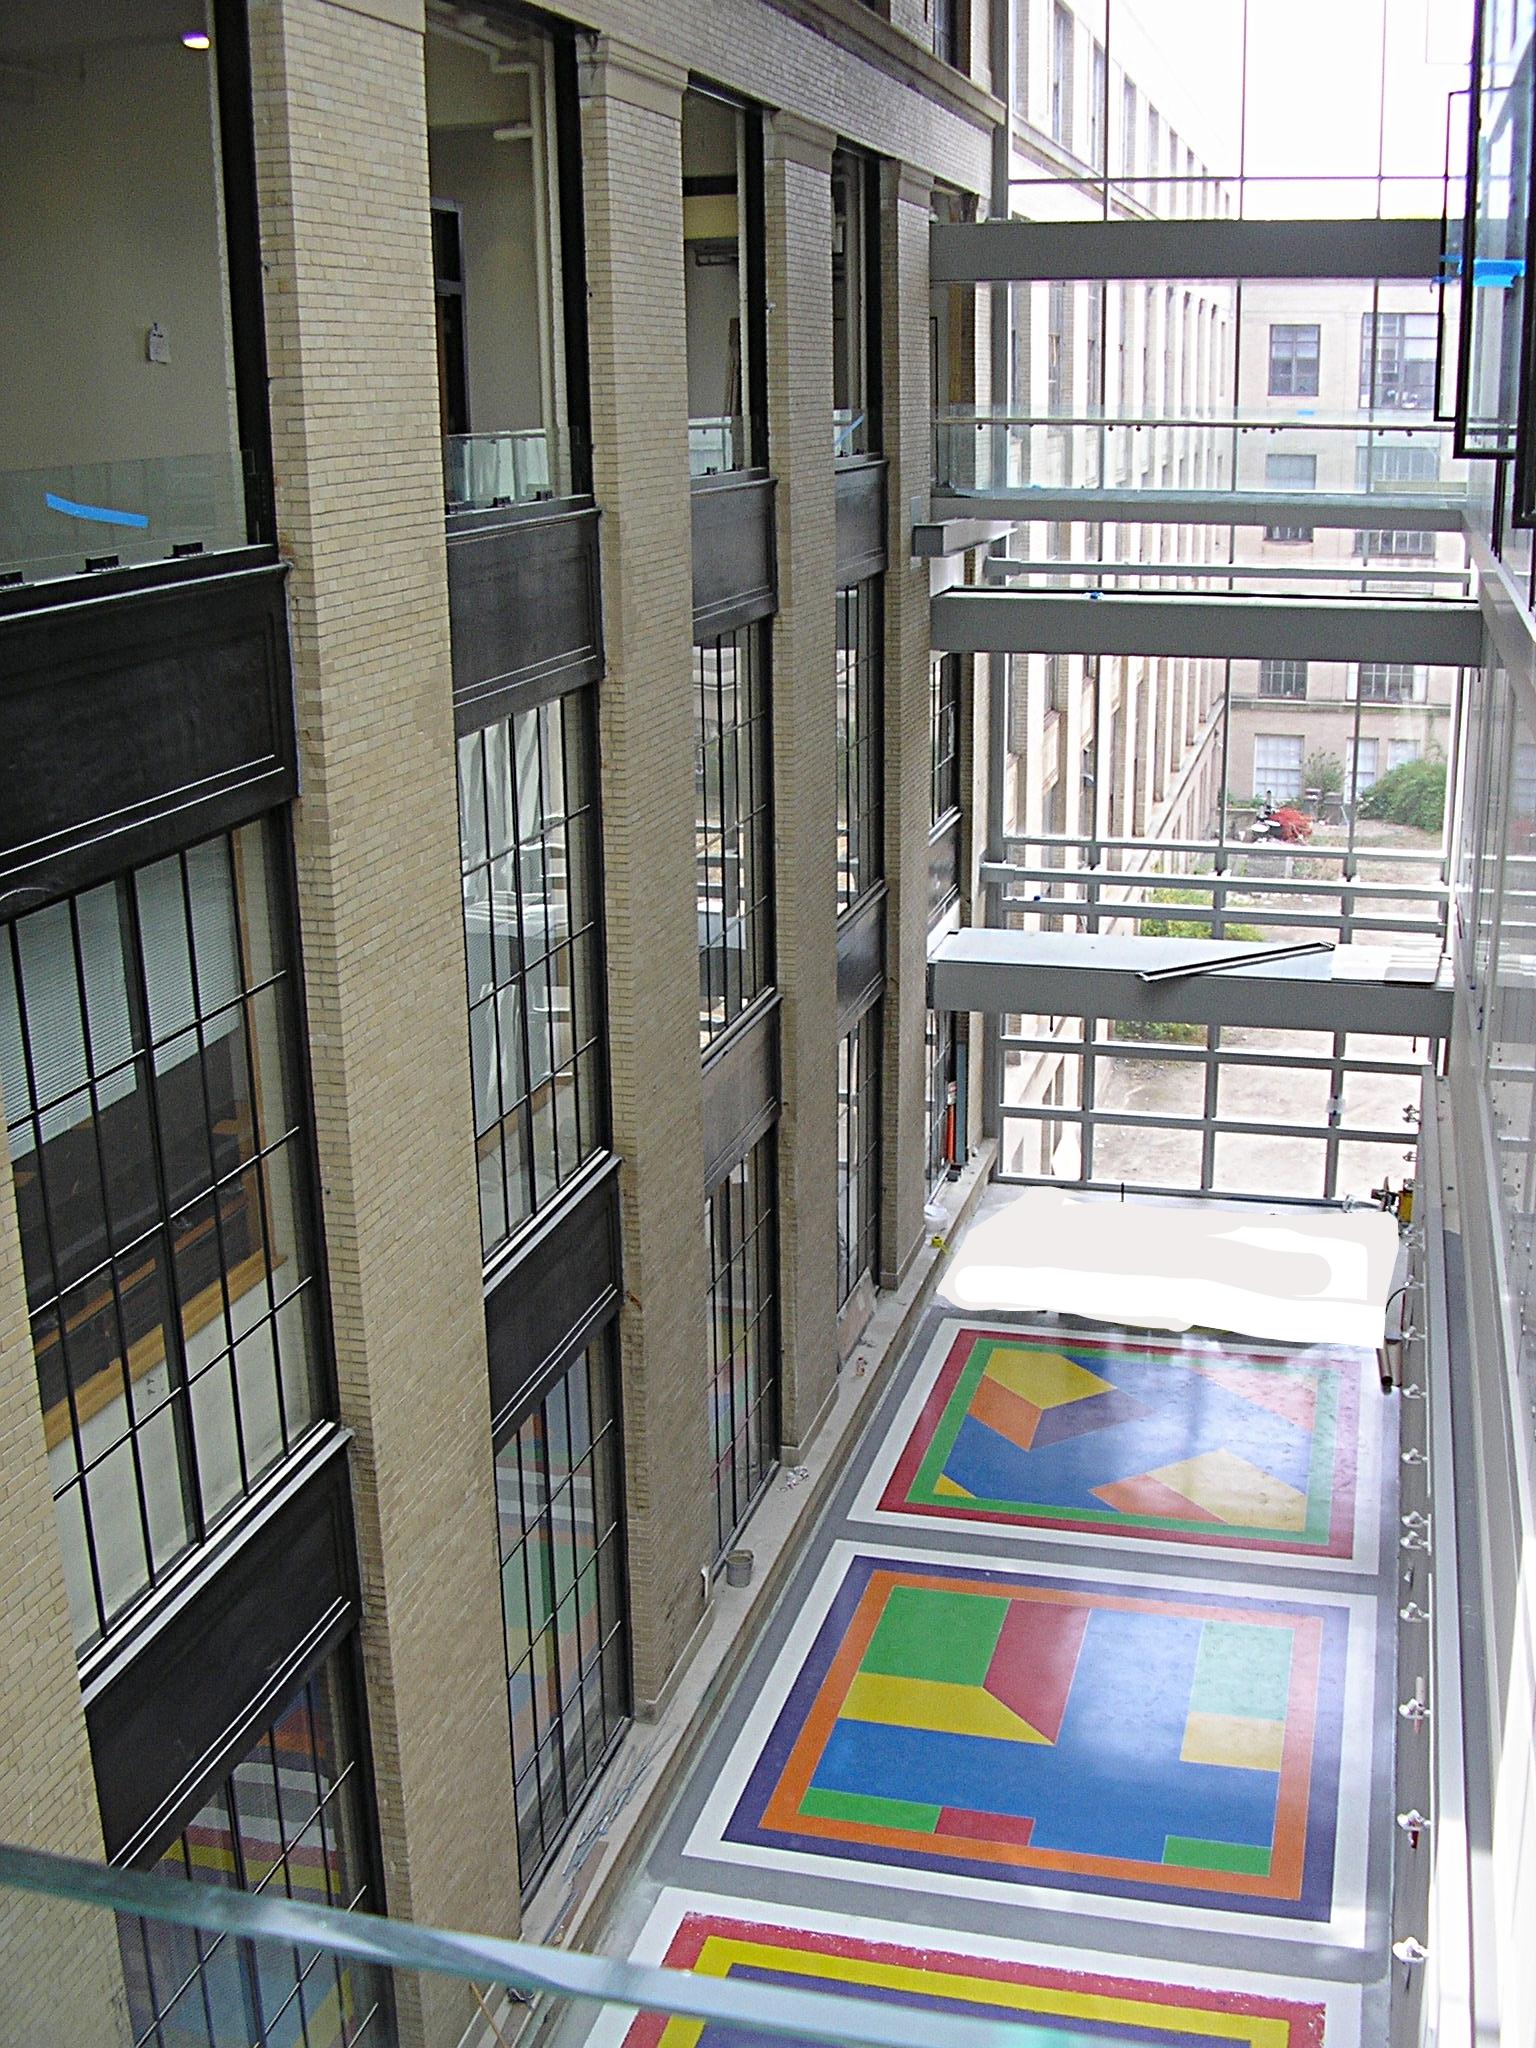 MIT PDSI 012.jpg